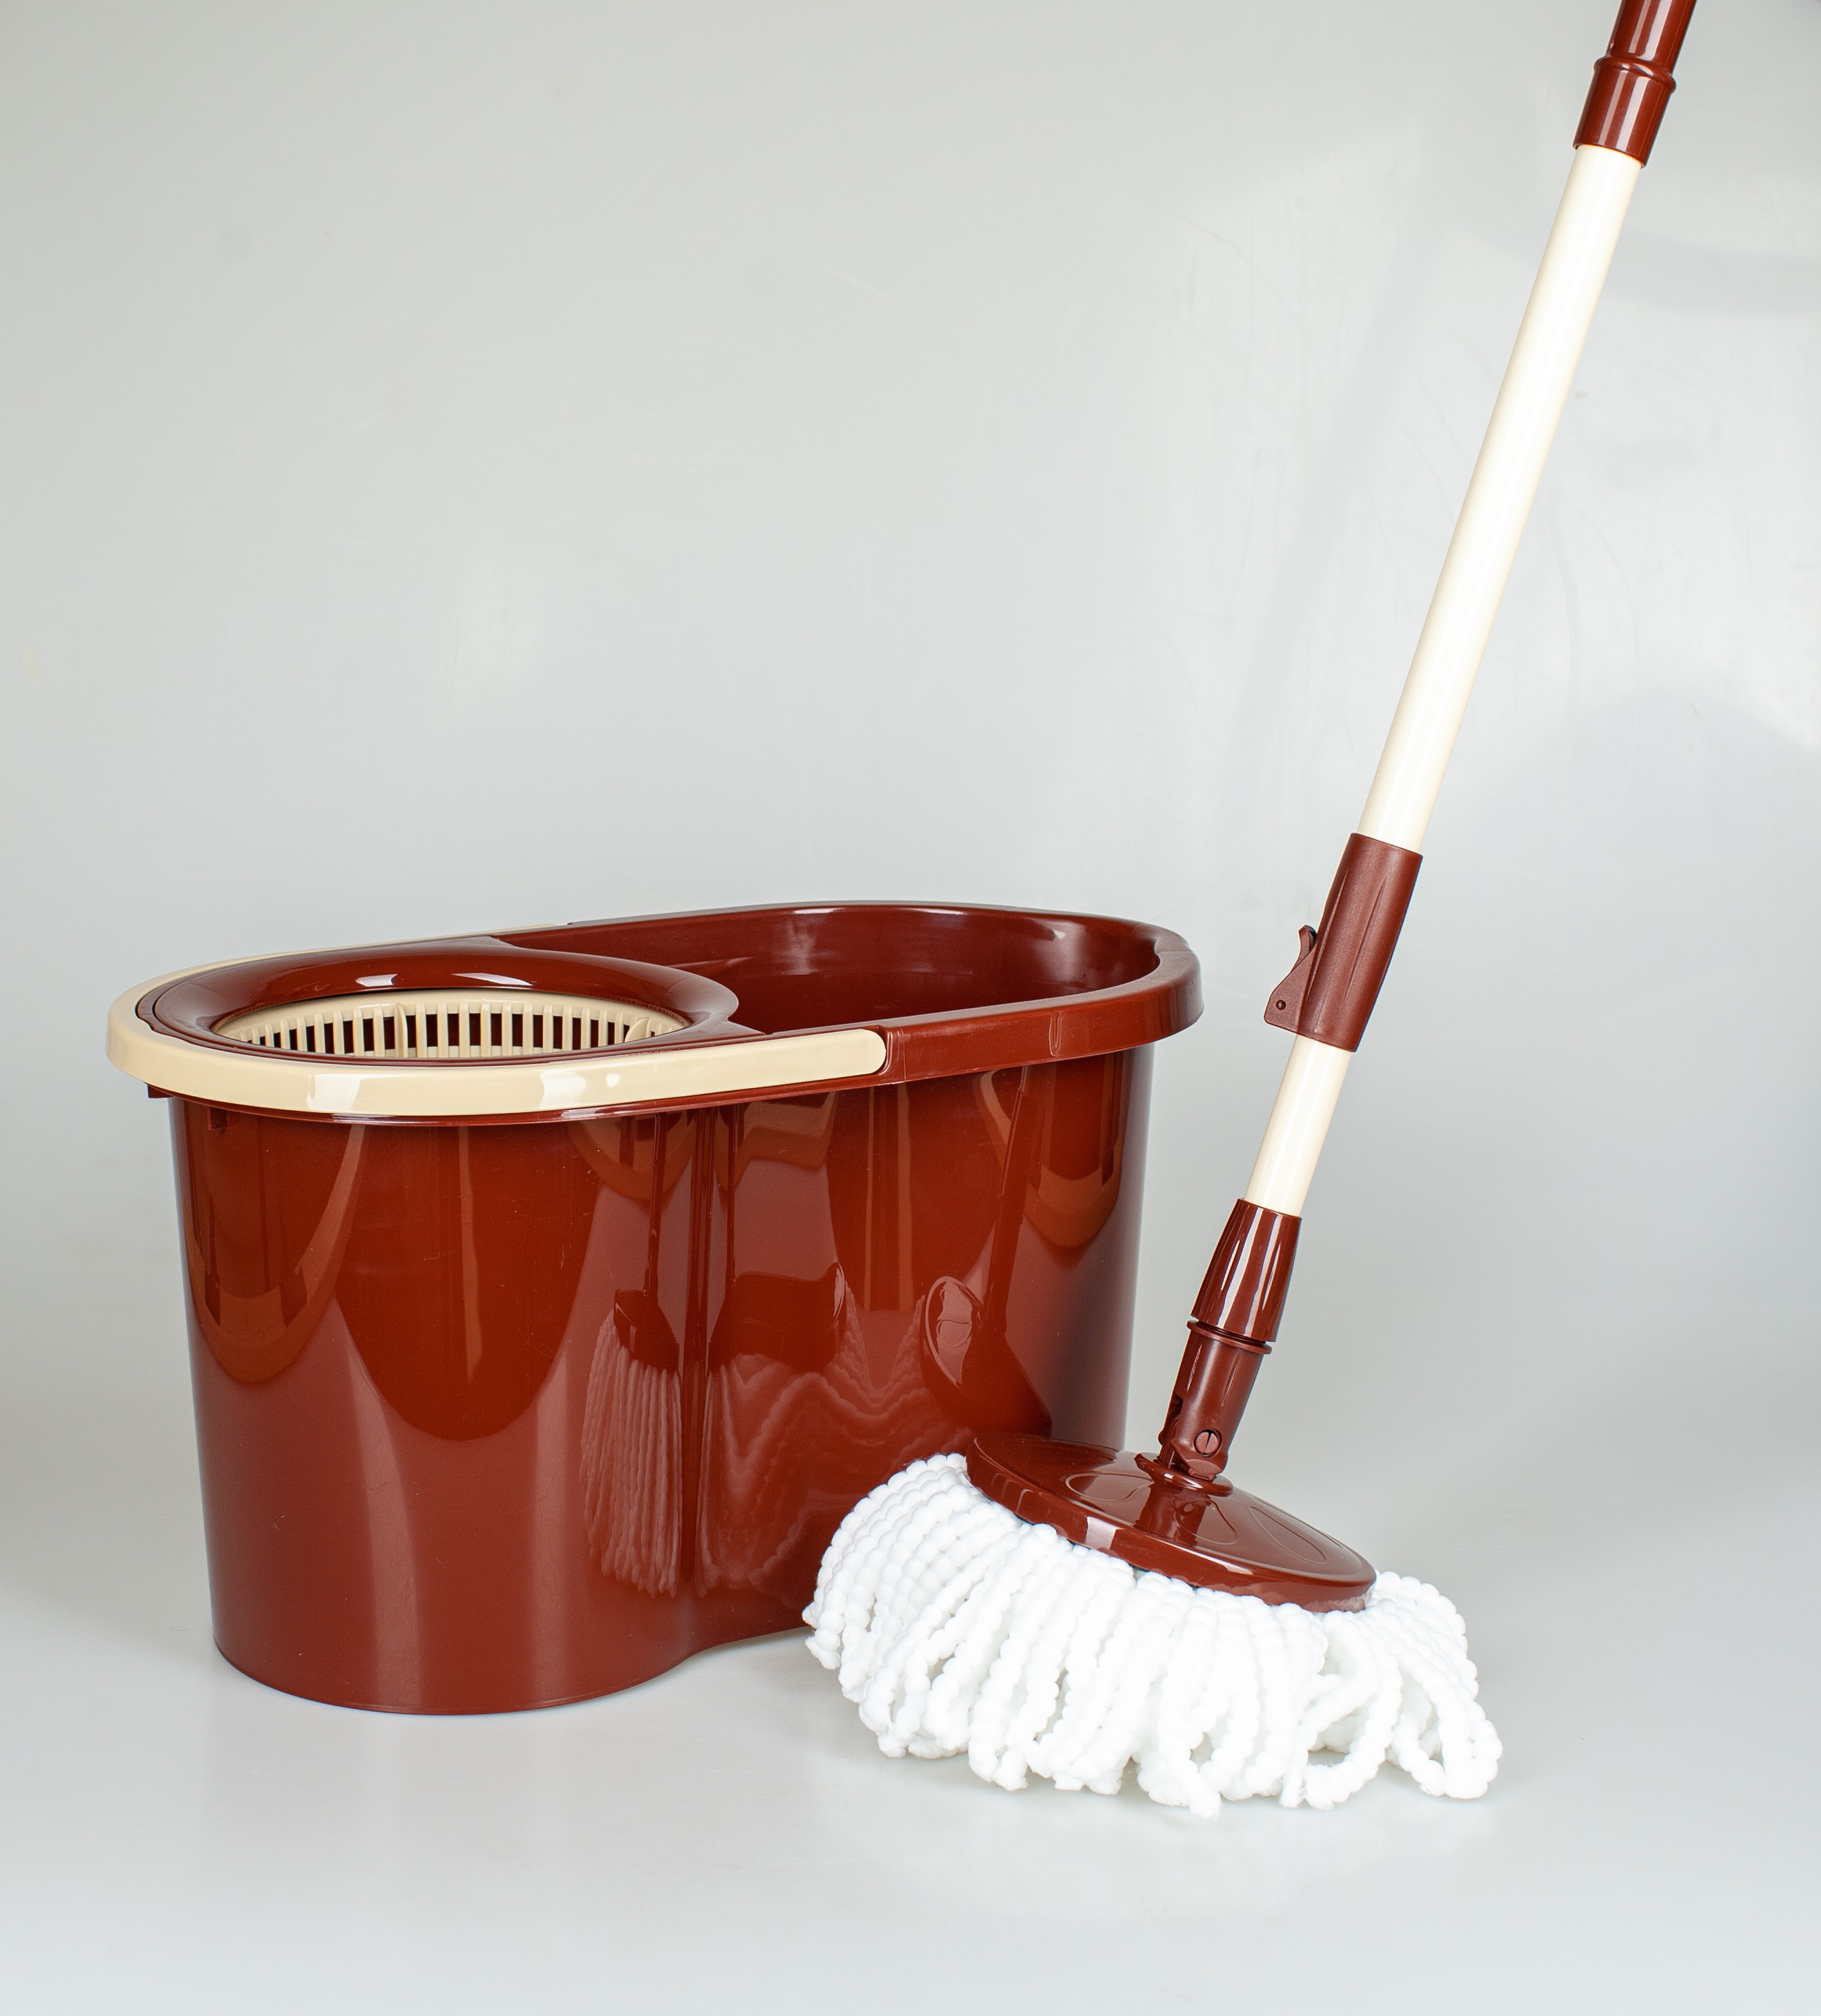 Ev ve Bahçe'ten Bezler'de Paspas tembel Spin meme temizlik için ev temizlik zemin ev title=